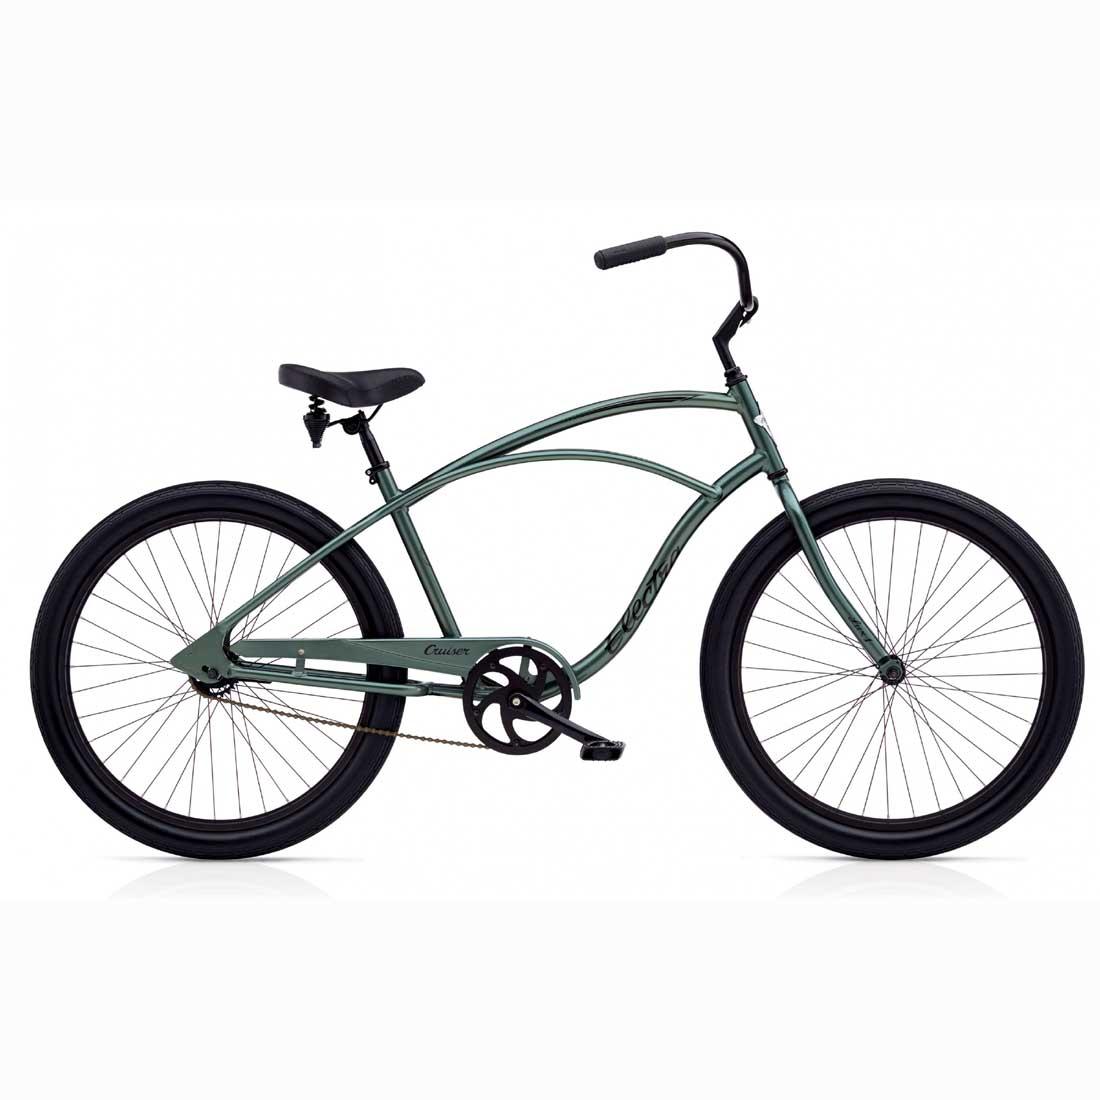 エレクトラ ビーチクルーザー 26インチ レインボー おしゃれ 自転車 通勤 通学 メンズ レディース アルミフレーム 軽量 CRUISER-LUX1 アンスラサイト